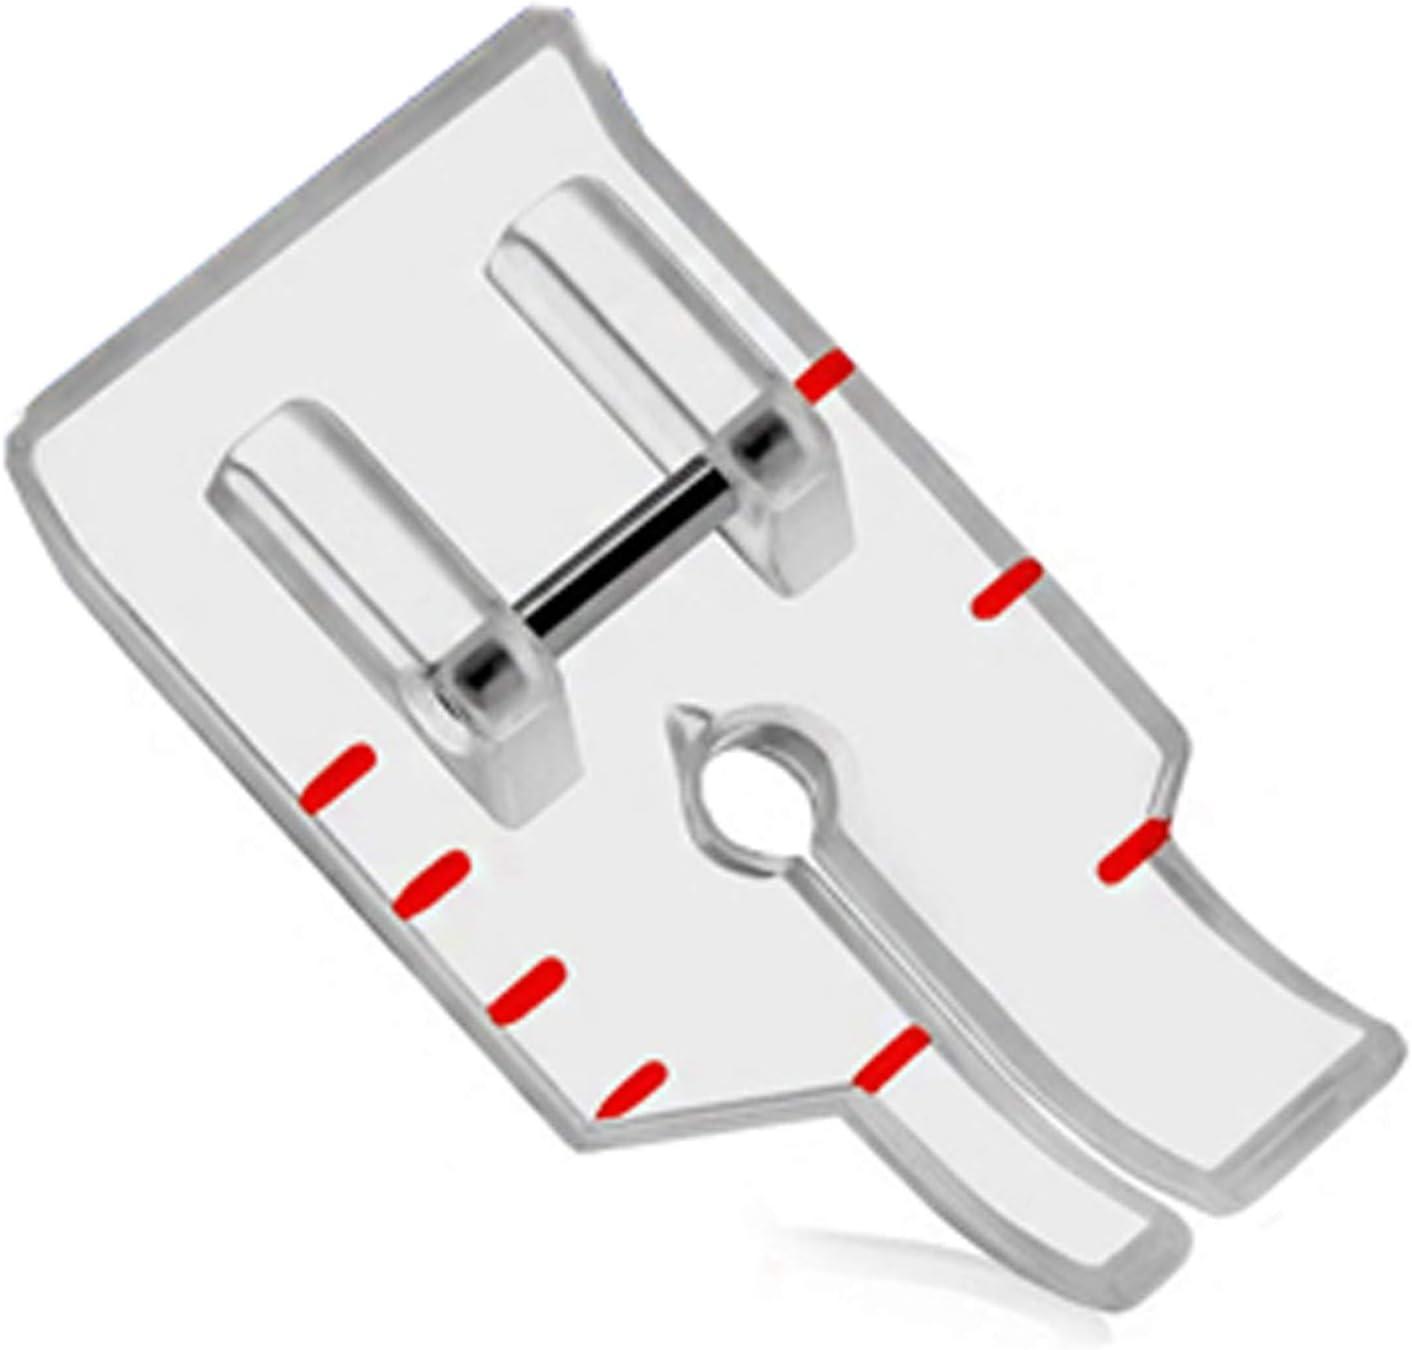 DREAMSTITCH P60606-P prensatelas de plástico de 1/4 pulgadas para ...